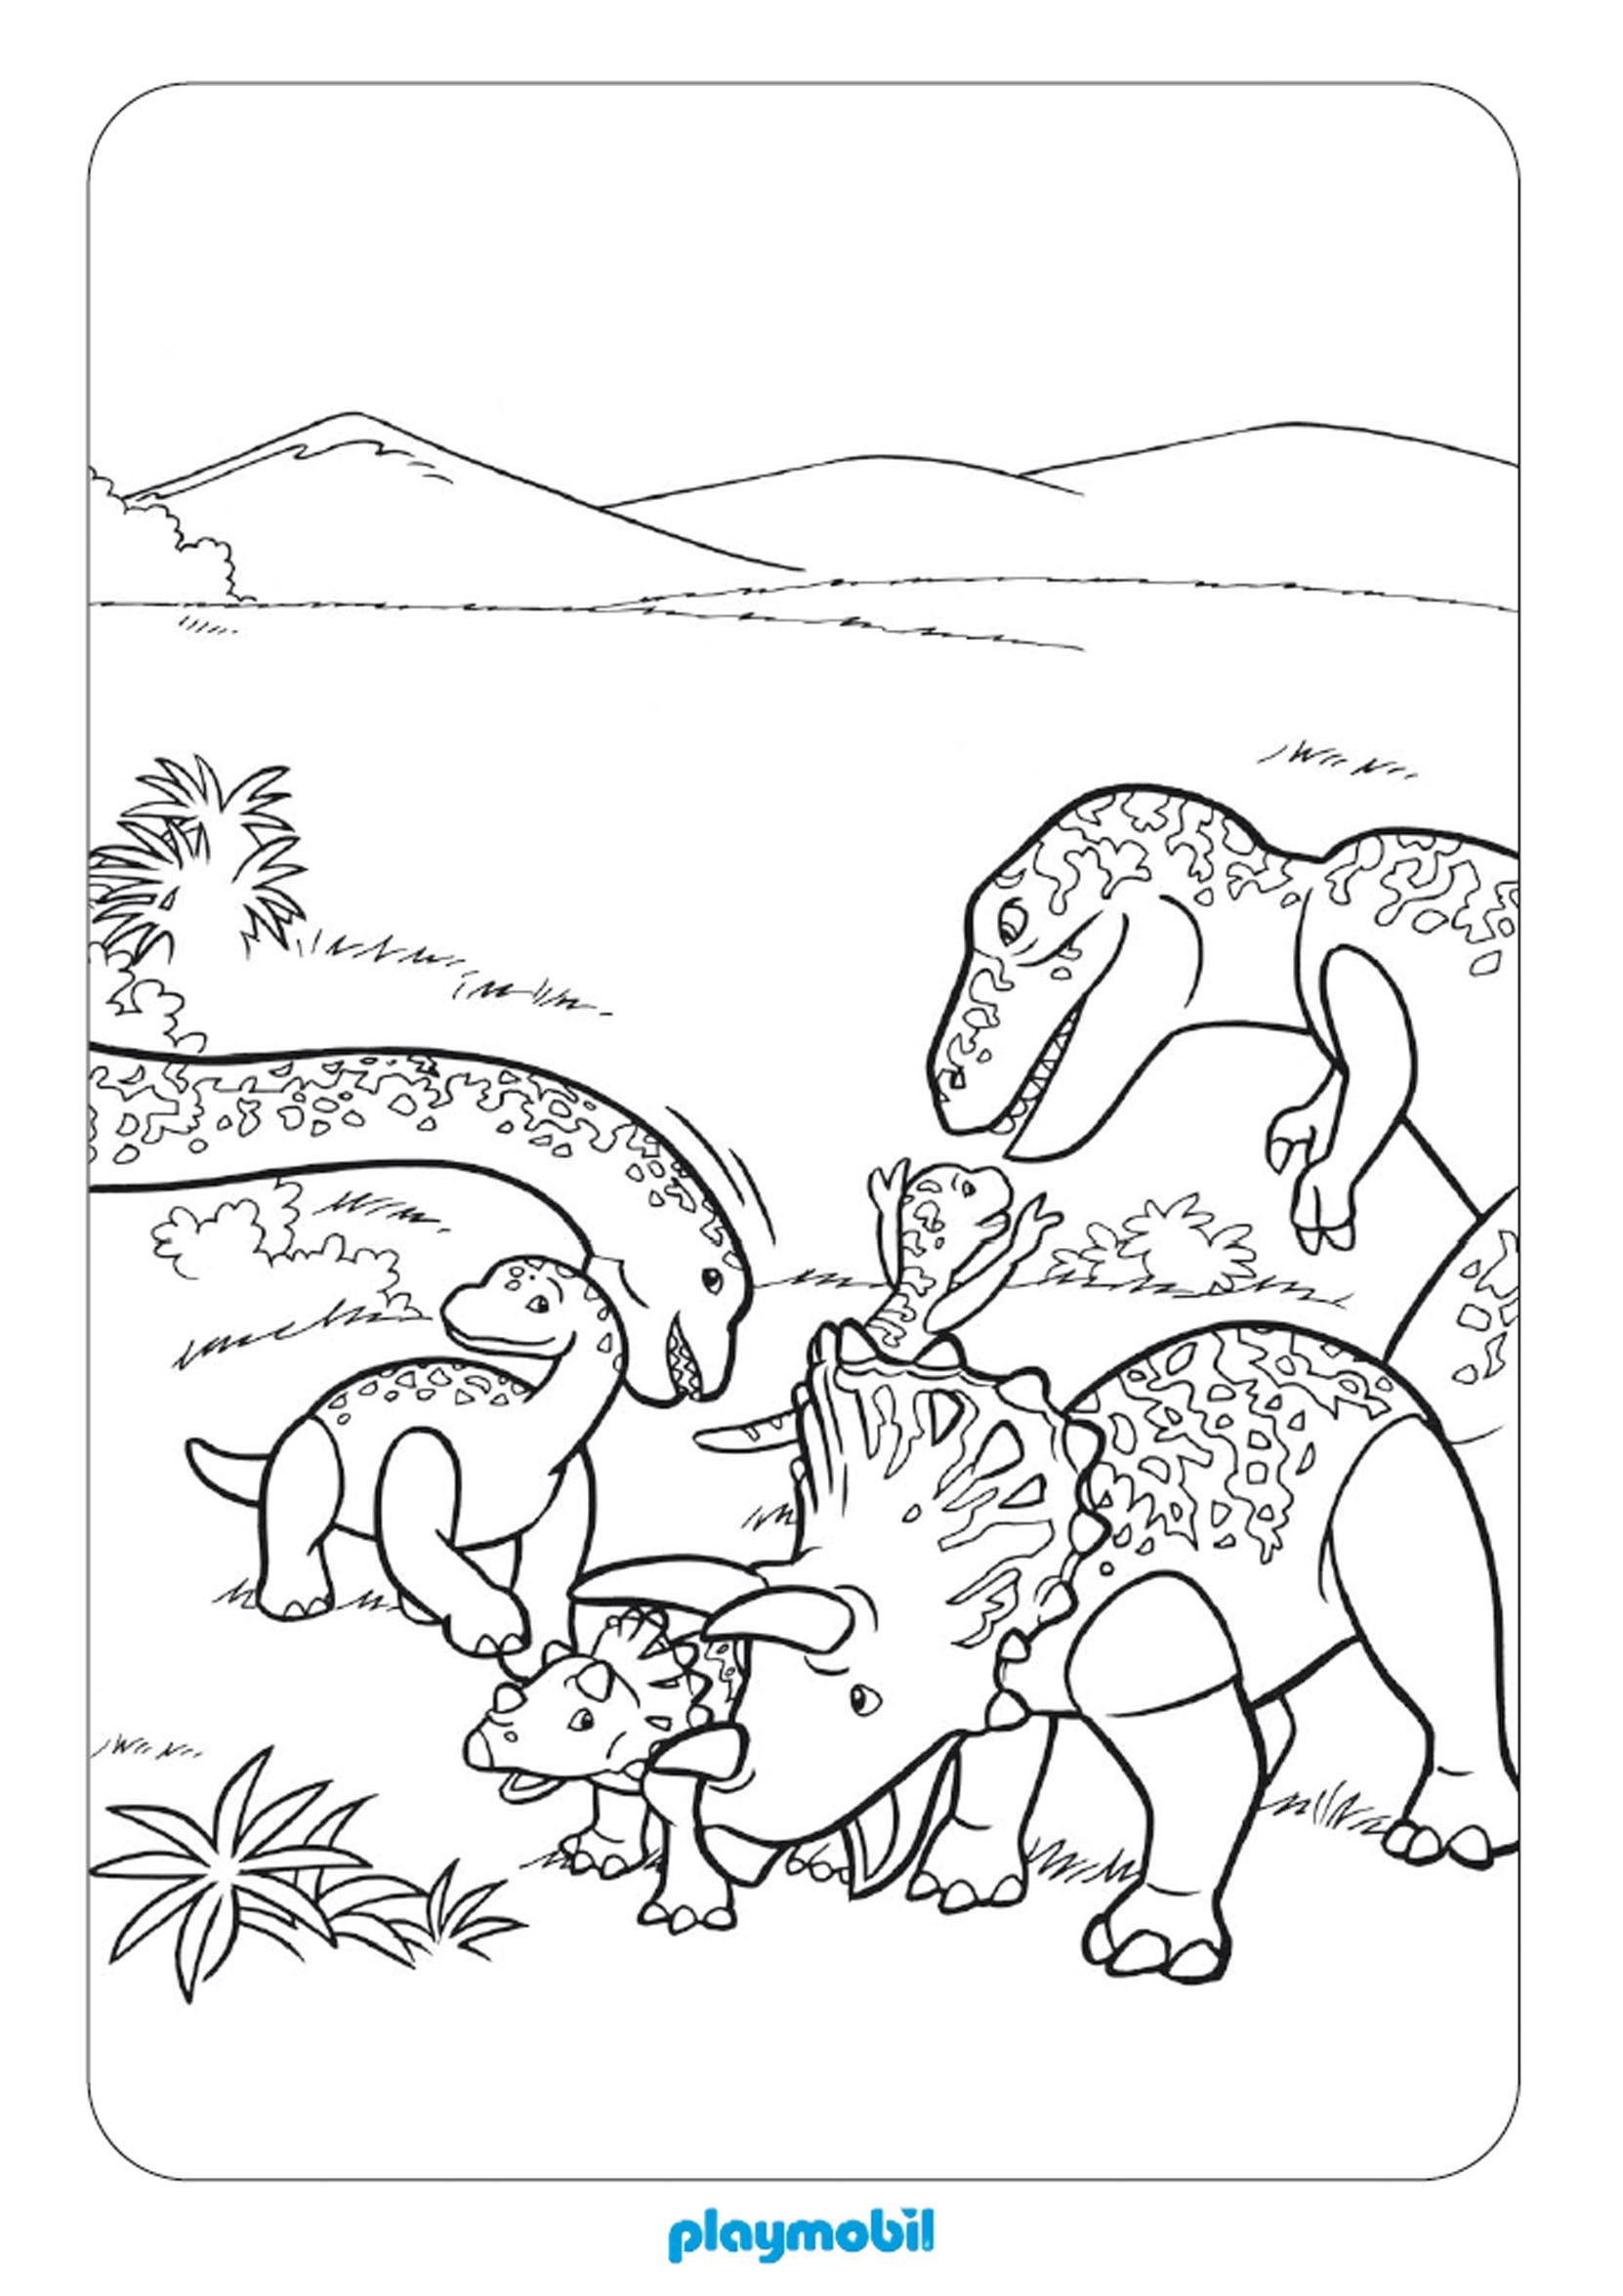 Dessin gratuit de dinosaure a imprimer et colorier